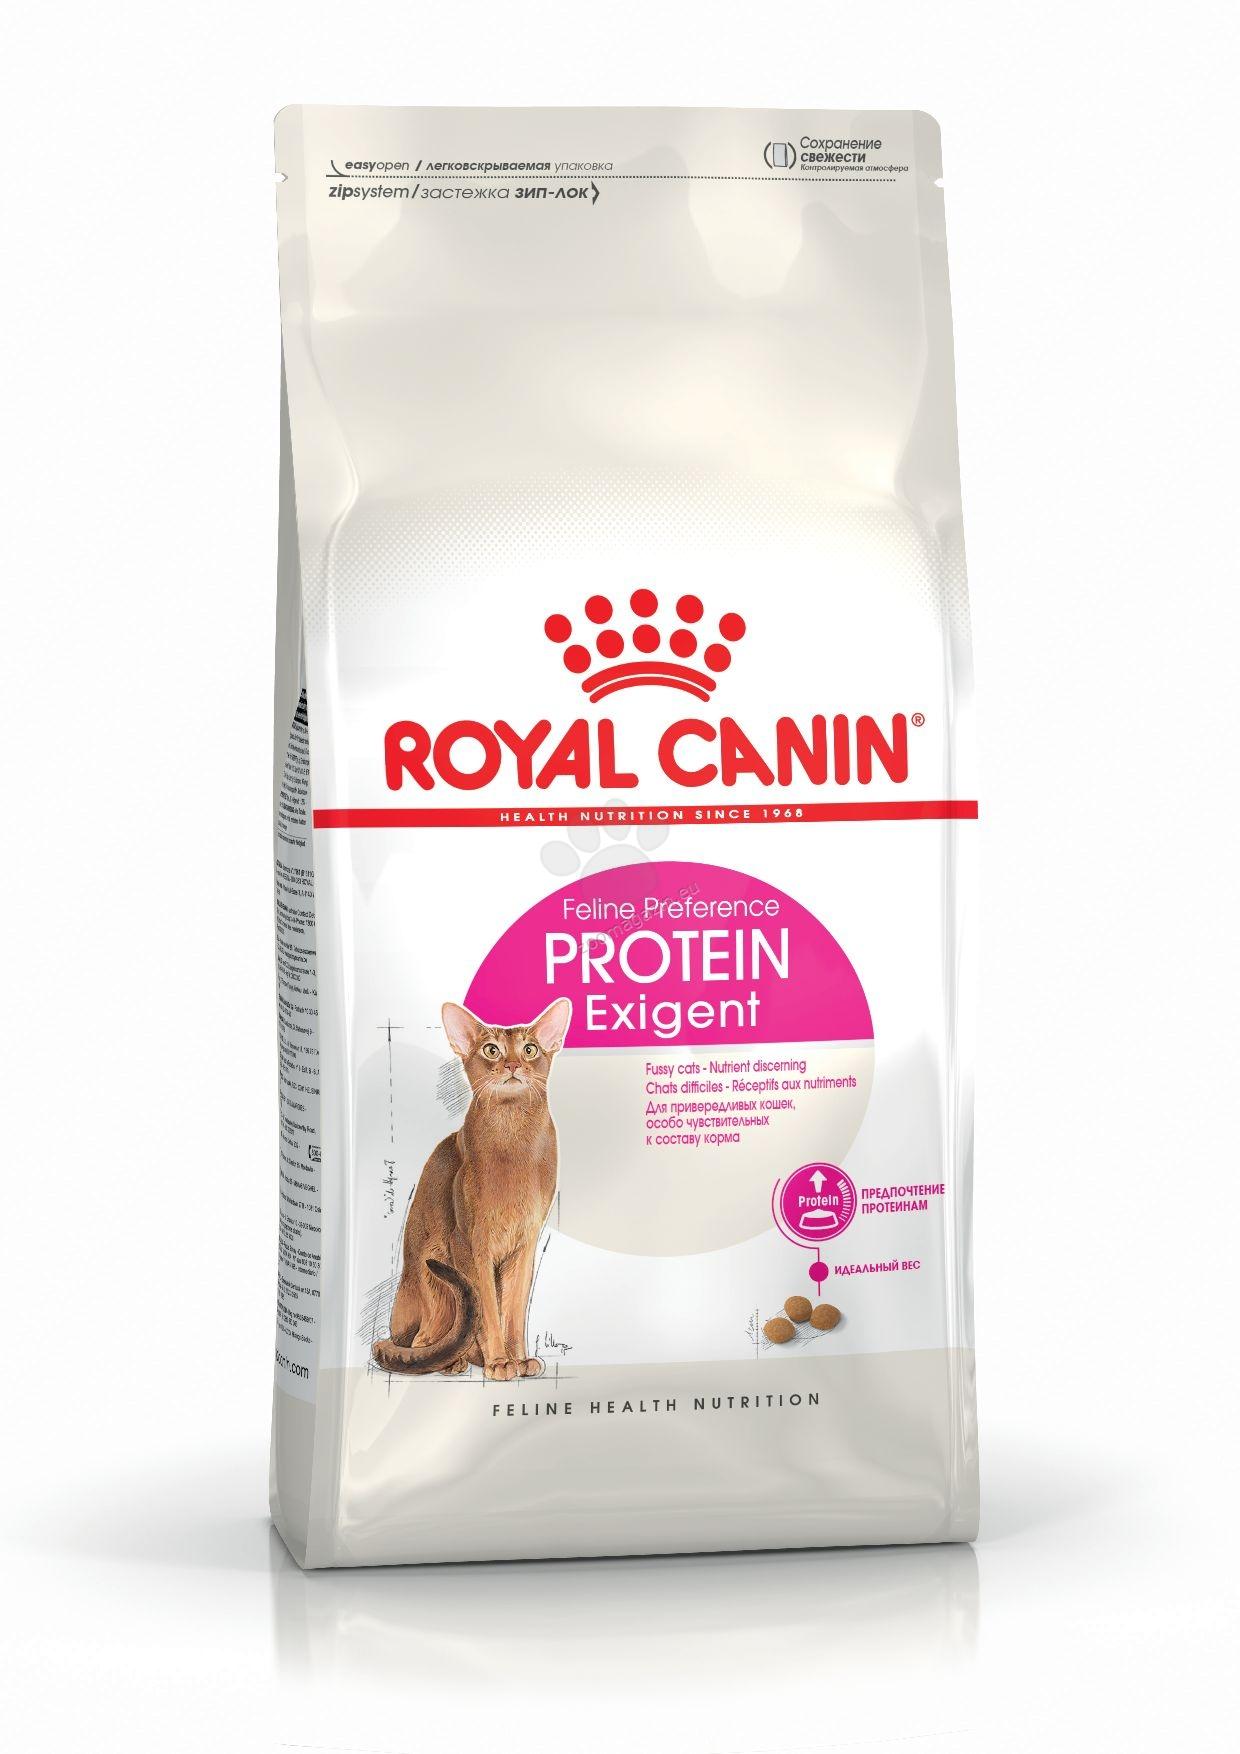 Royal Canin Exigent Protein - за капризни котки, взискателни към чувството след нахранване 400 гр. + 400 гр. ГРАТИС